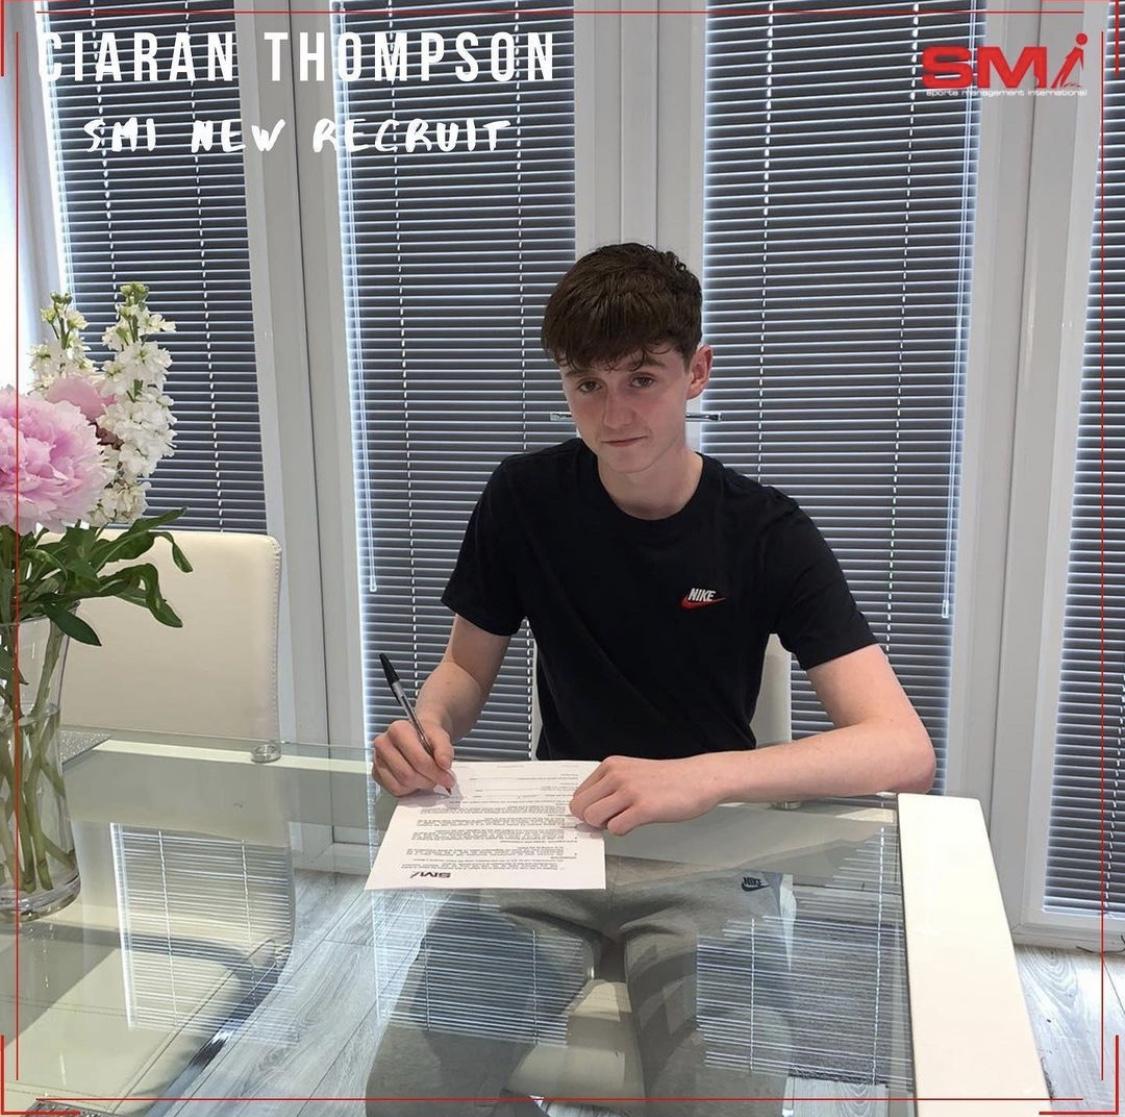 SMI New recruit Ciaran Thompson